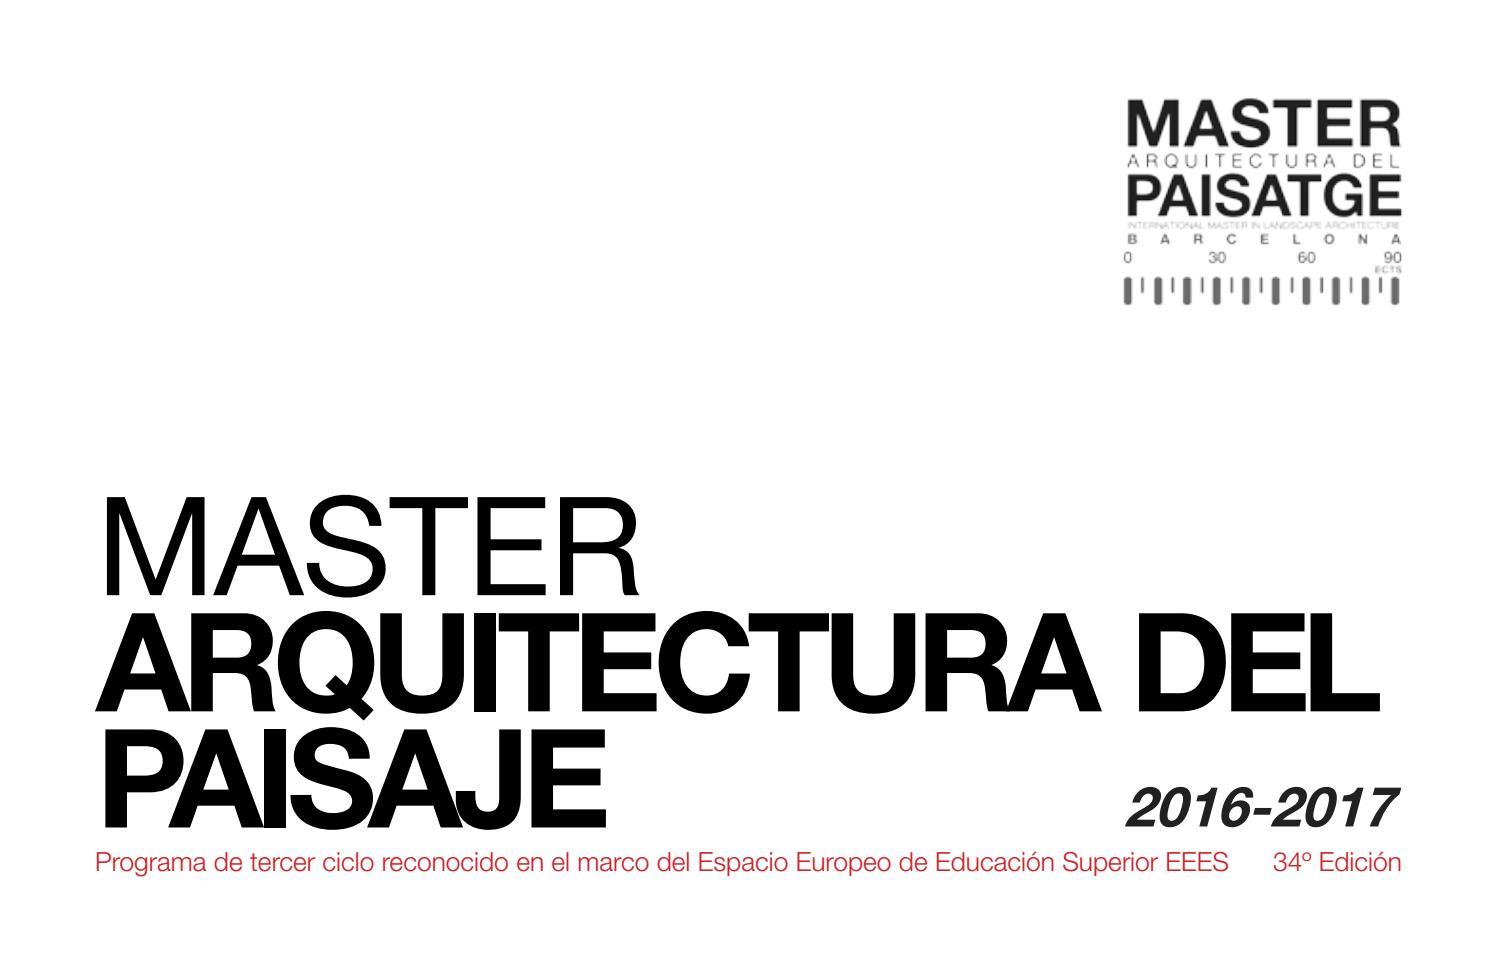 Calendario Etsa Upv.Master Arquitectura Del Paisaje By Master Paisatge Issuu